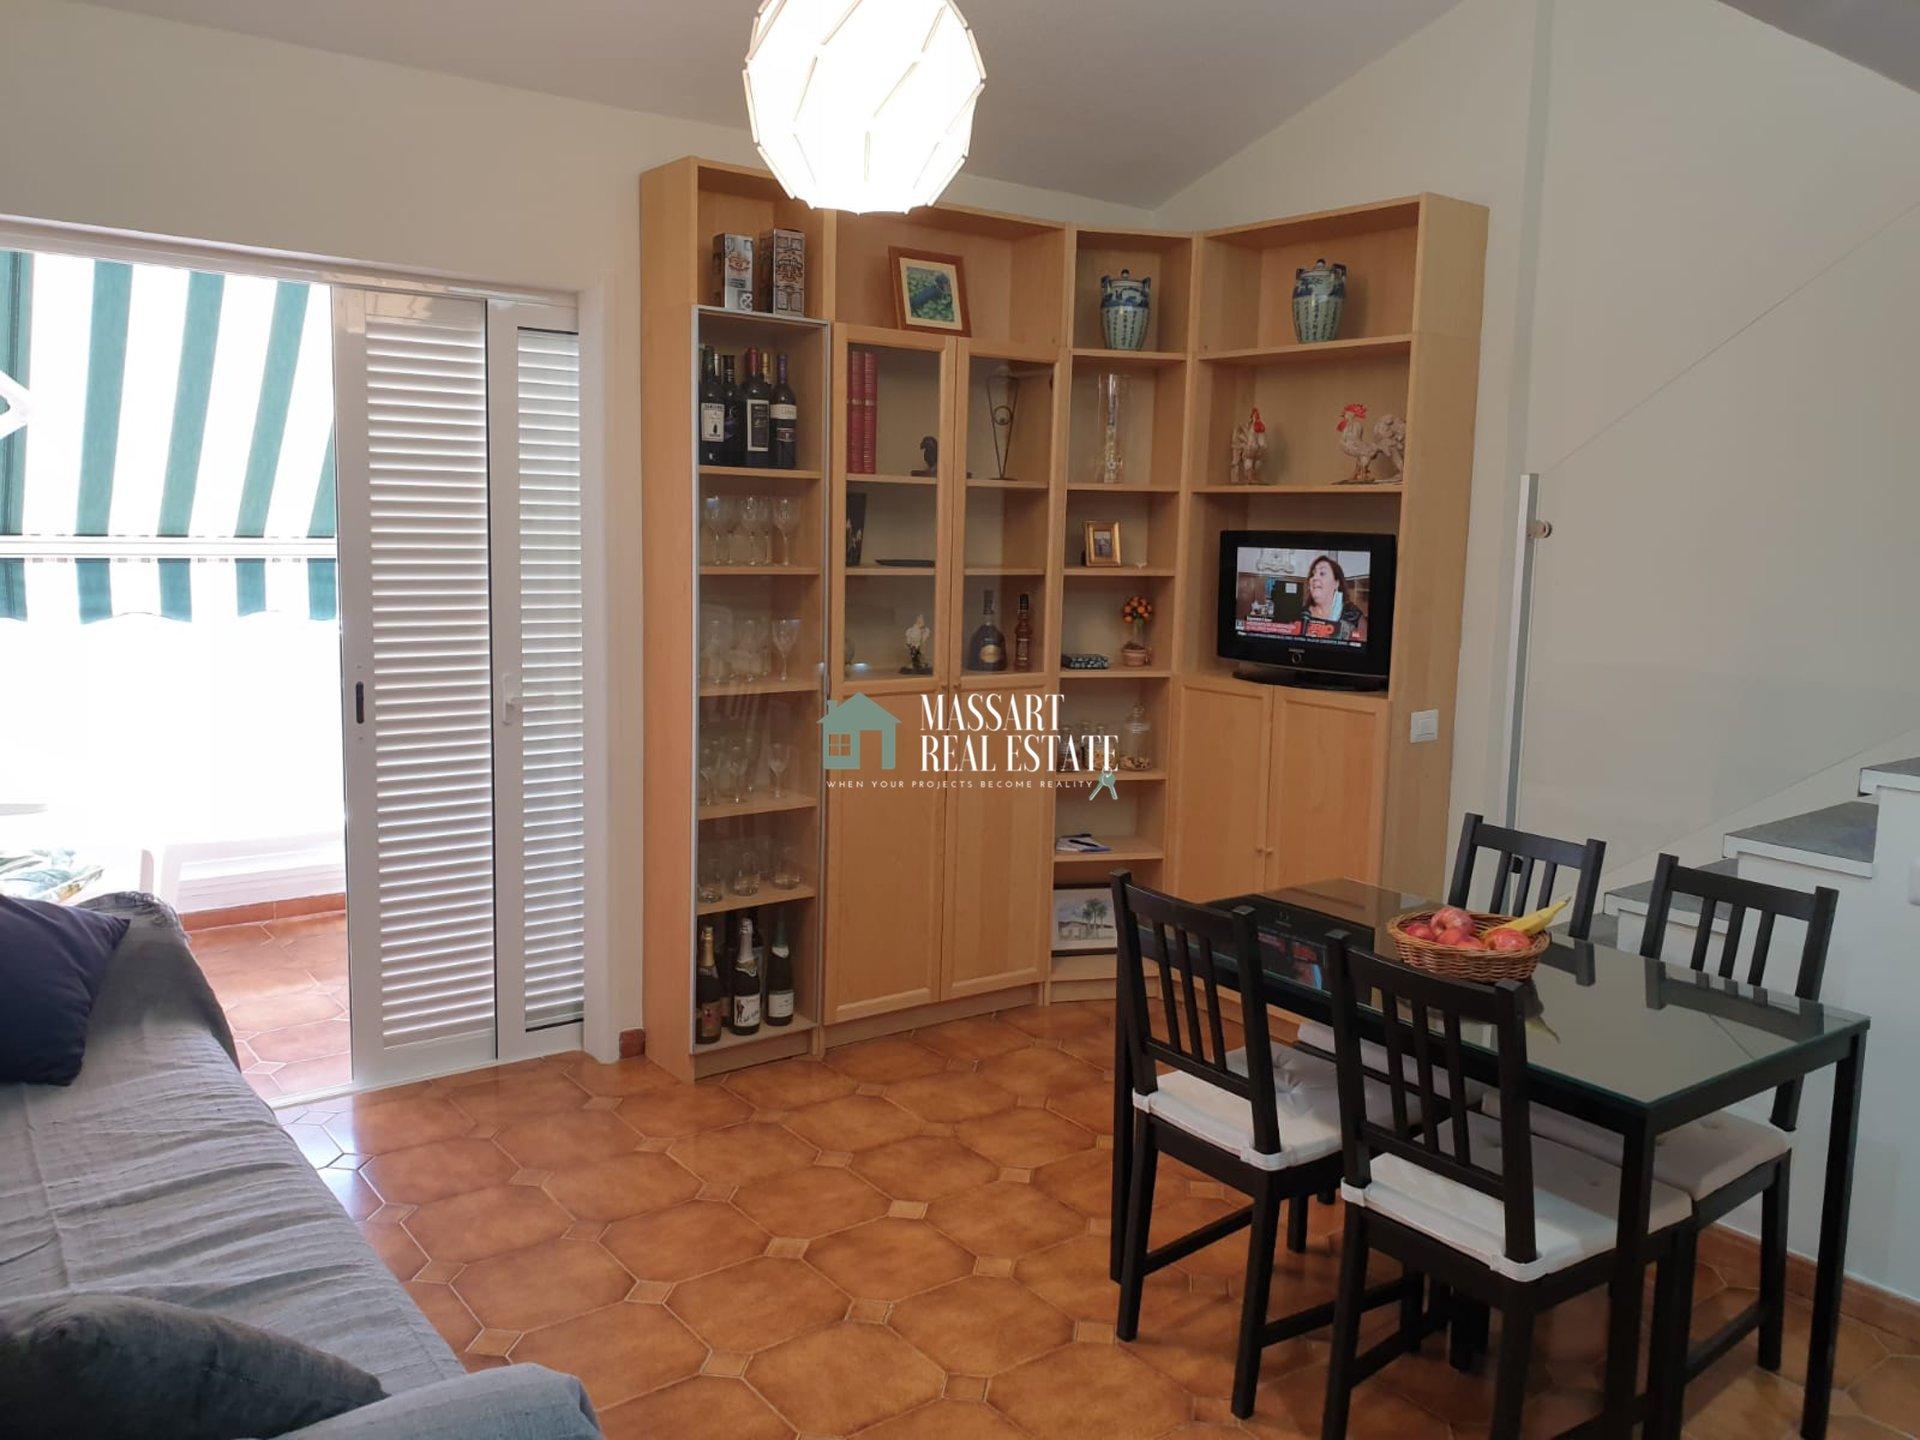 Magnifique penthouse de 70 m2 dans le quartier stratégique de Los Cristianos, dans le complexe résidentiel Chipeque.